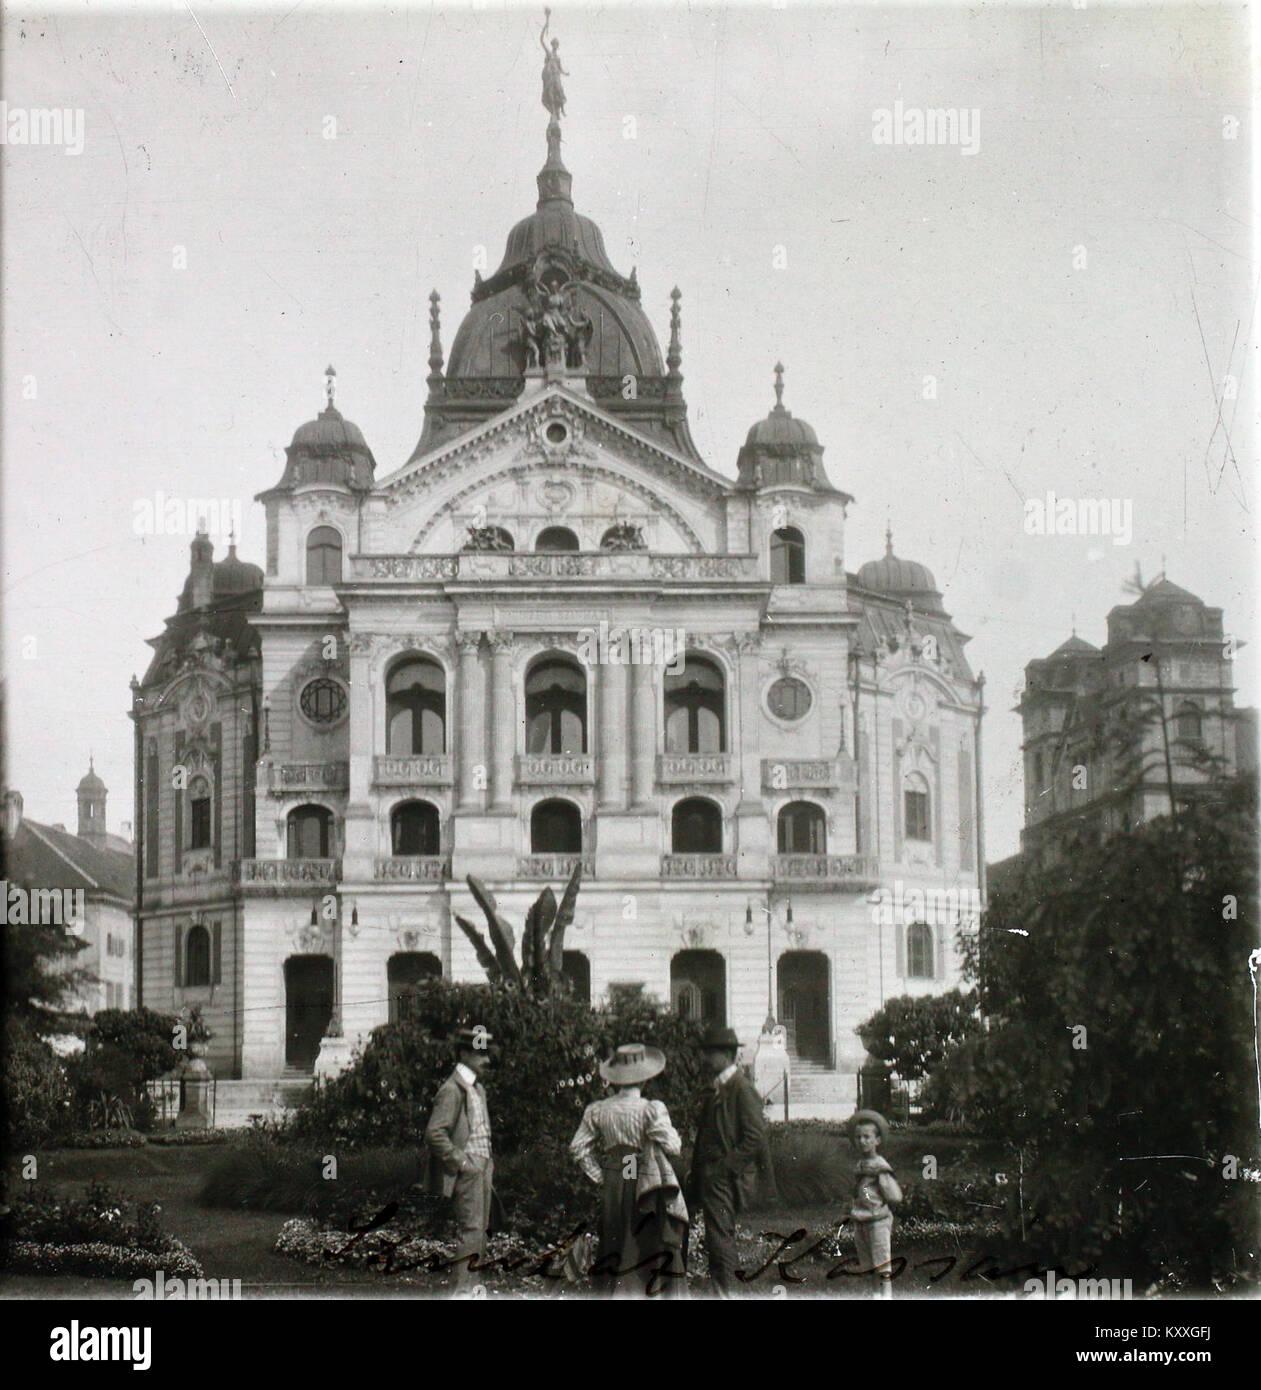 Fő tér (Hlavné namestie), szemben az Állami Színház, jobbra a Szentháromság-templom. - Stock Image